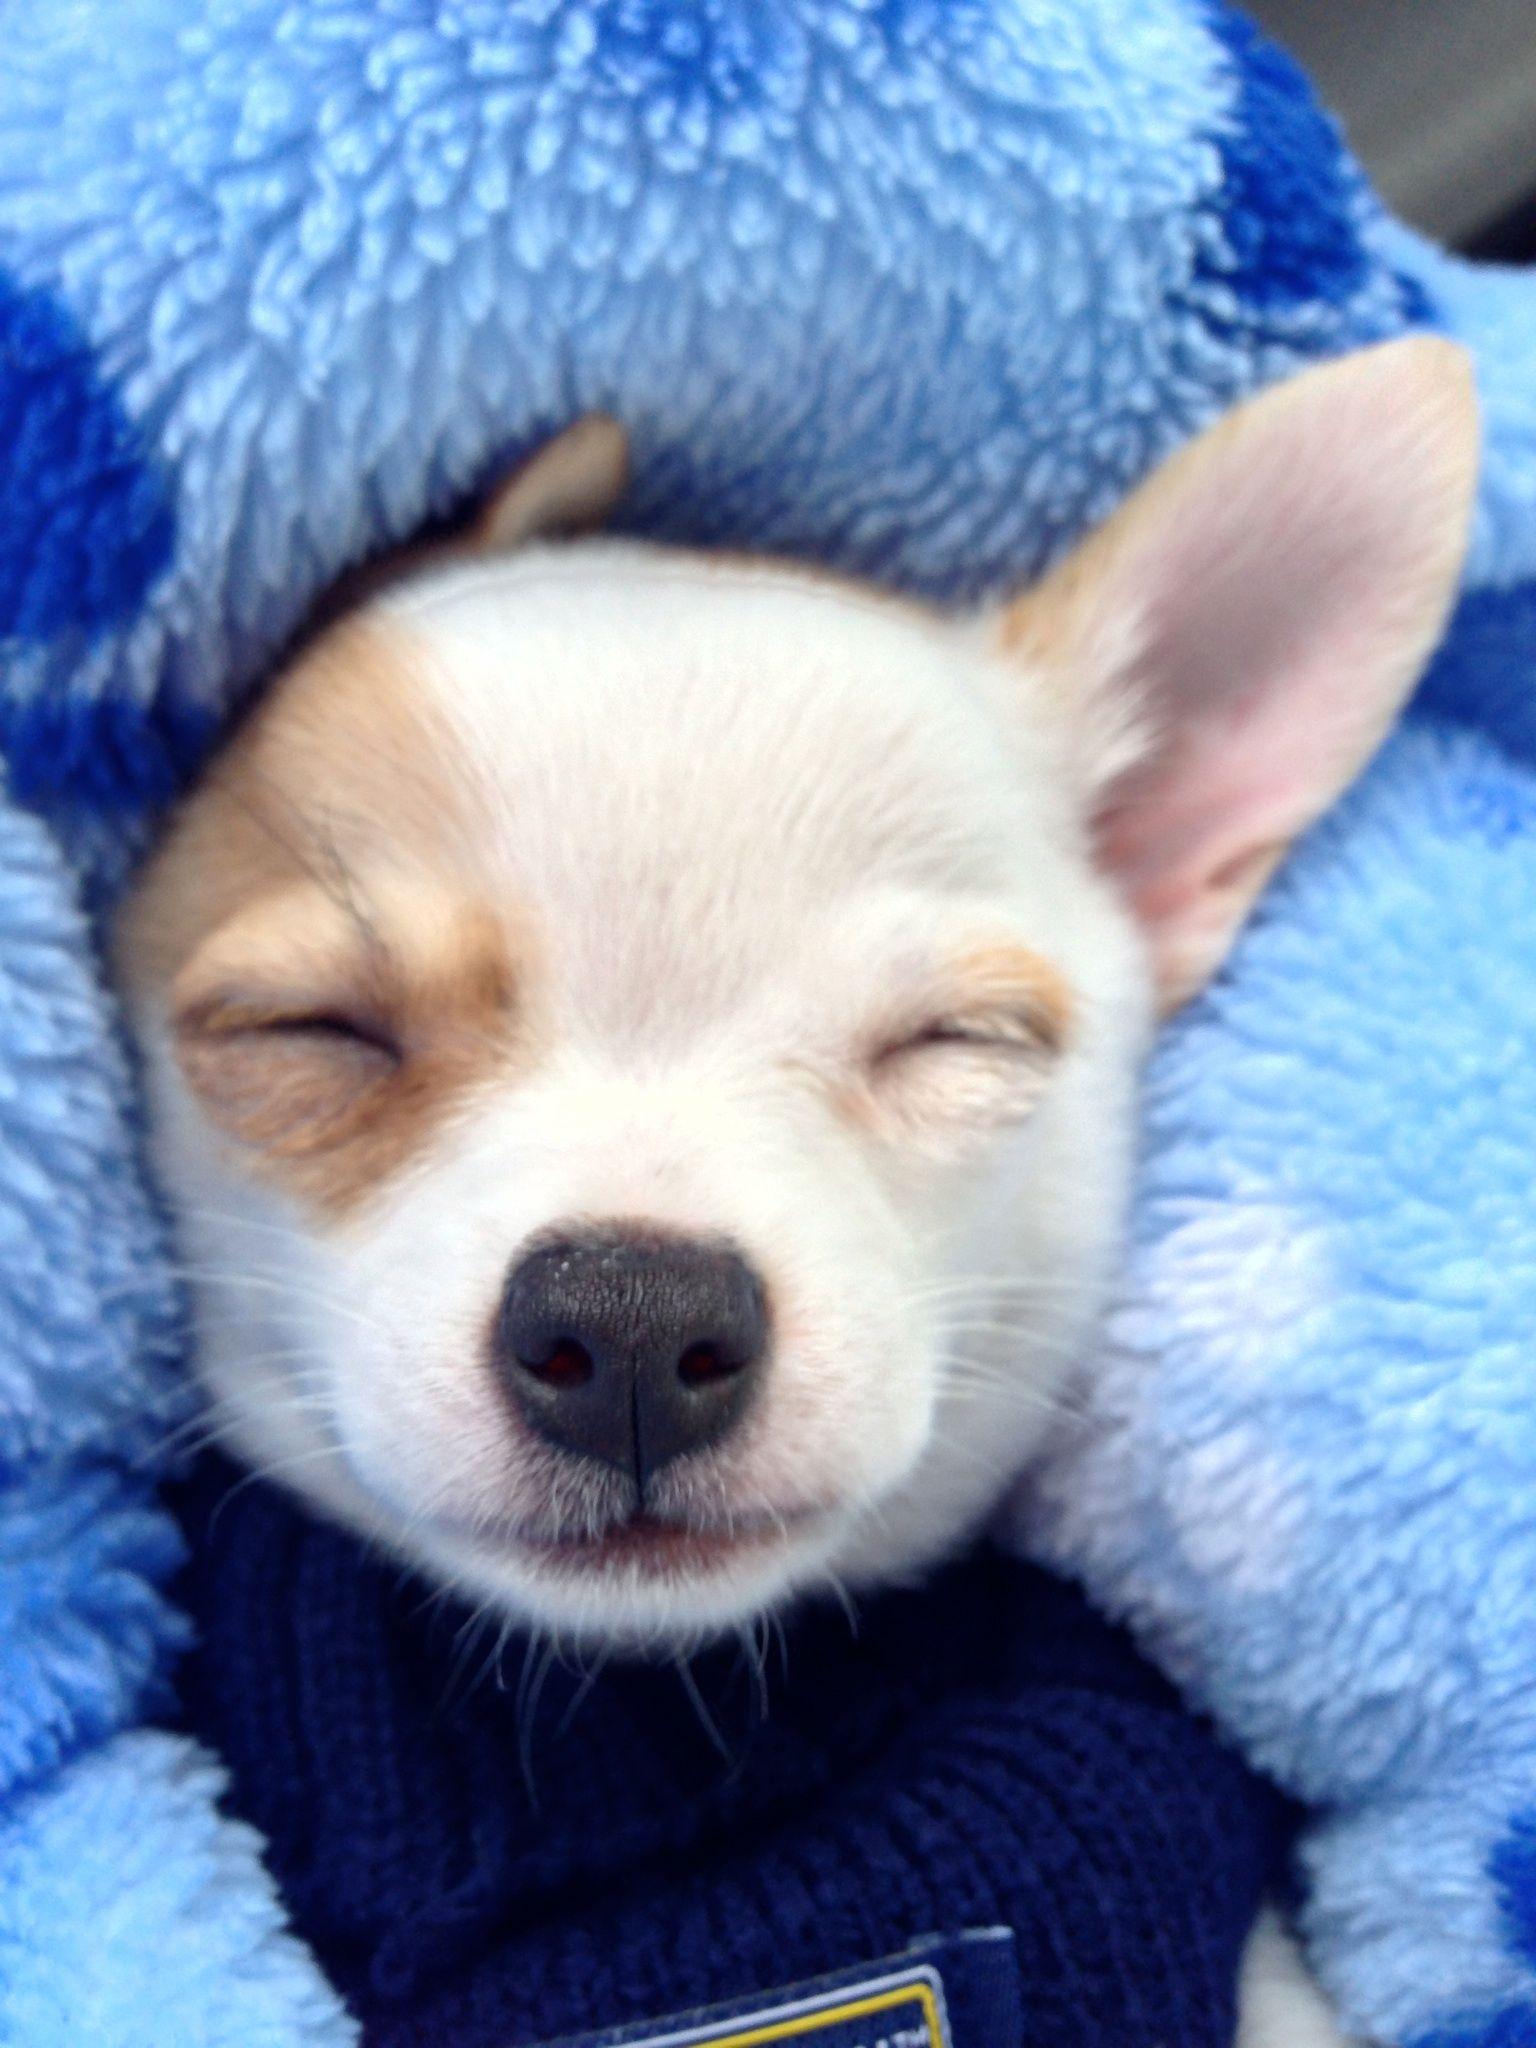 Shhhh....I'm sleeping. Chihuahua puppy Reilly. Chihuahua